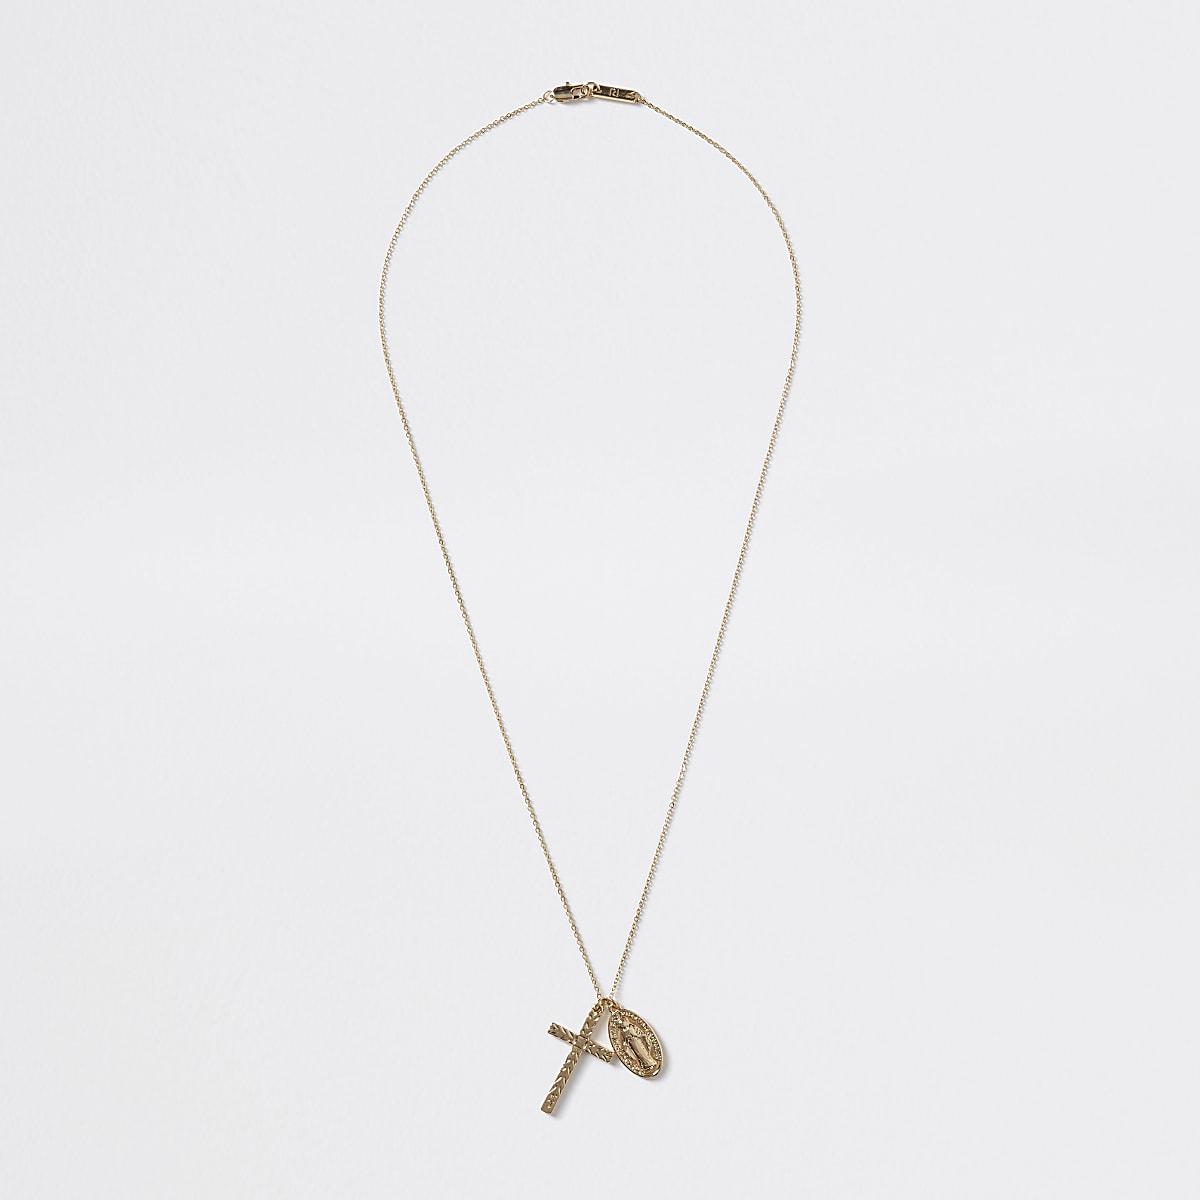 Gold colour cross pendant necklace